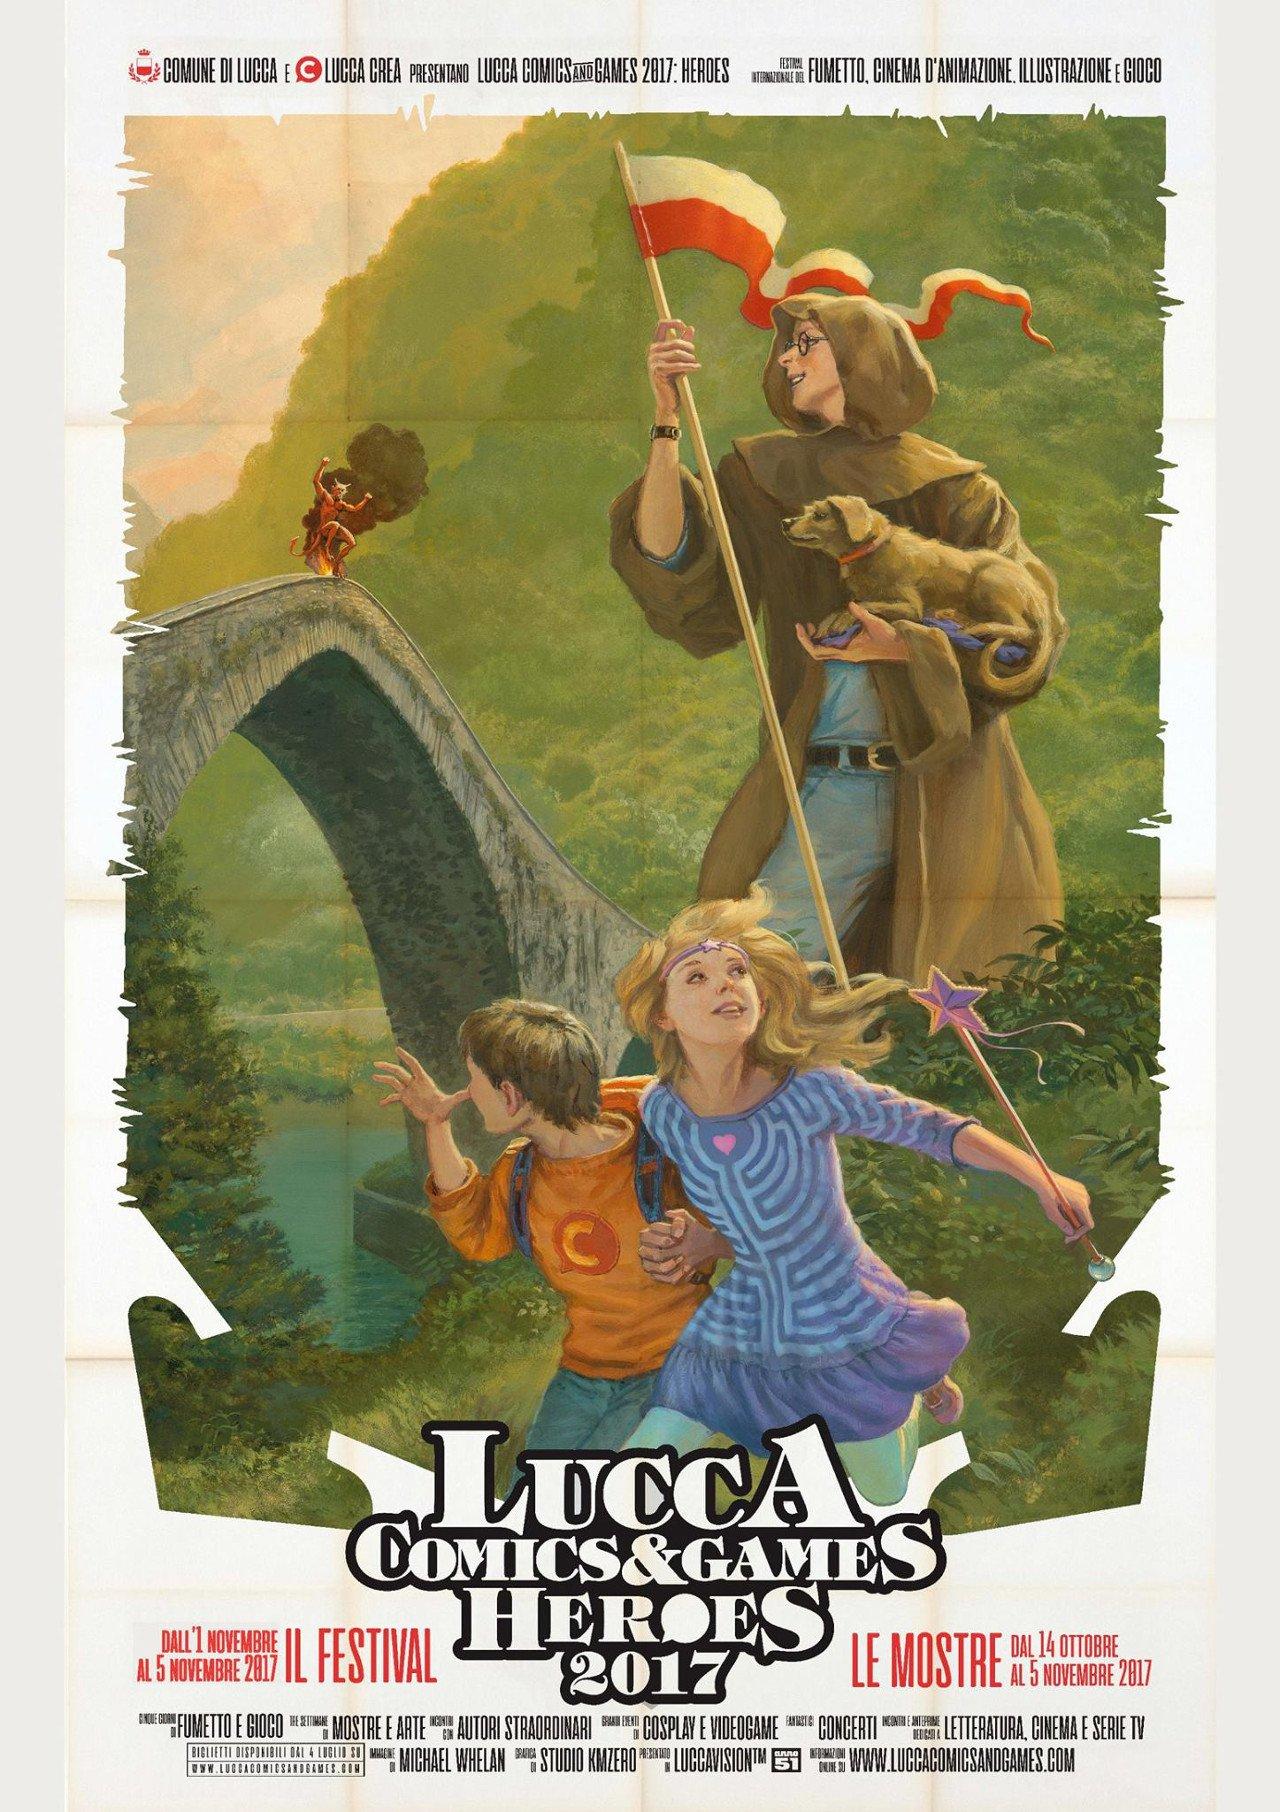 Lucca Comics & Games 2017: il tema di quest'anno saranno gli eroi